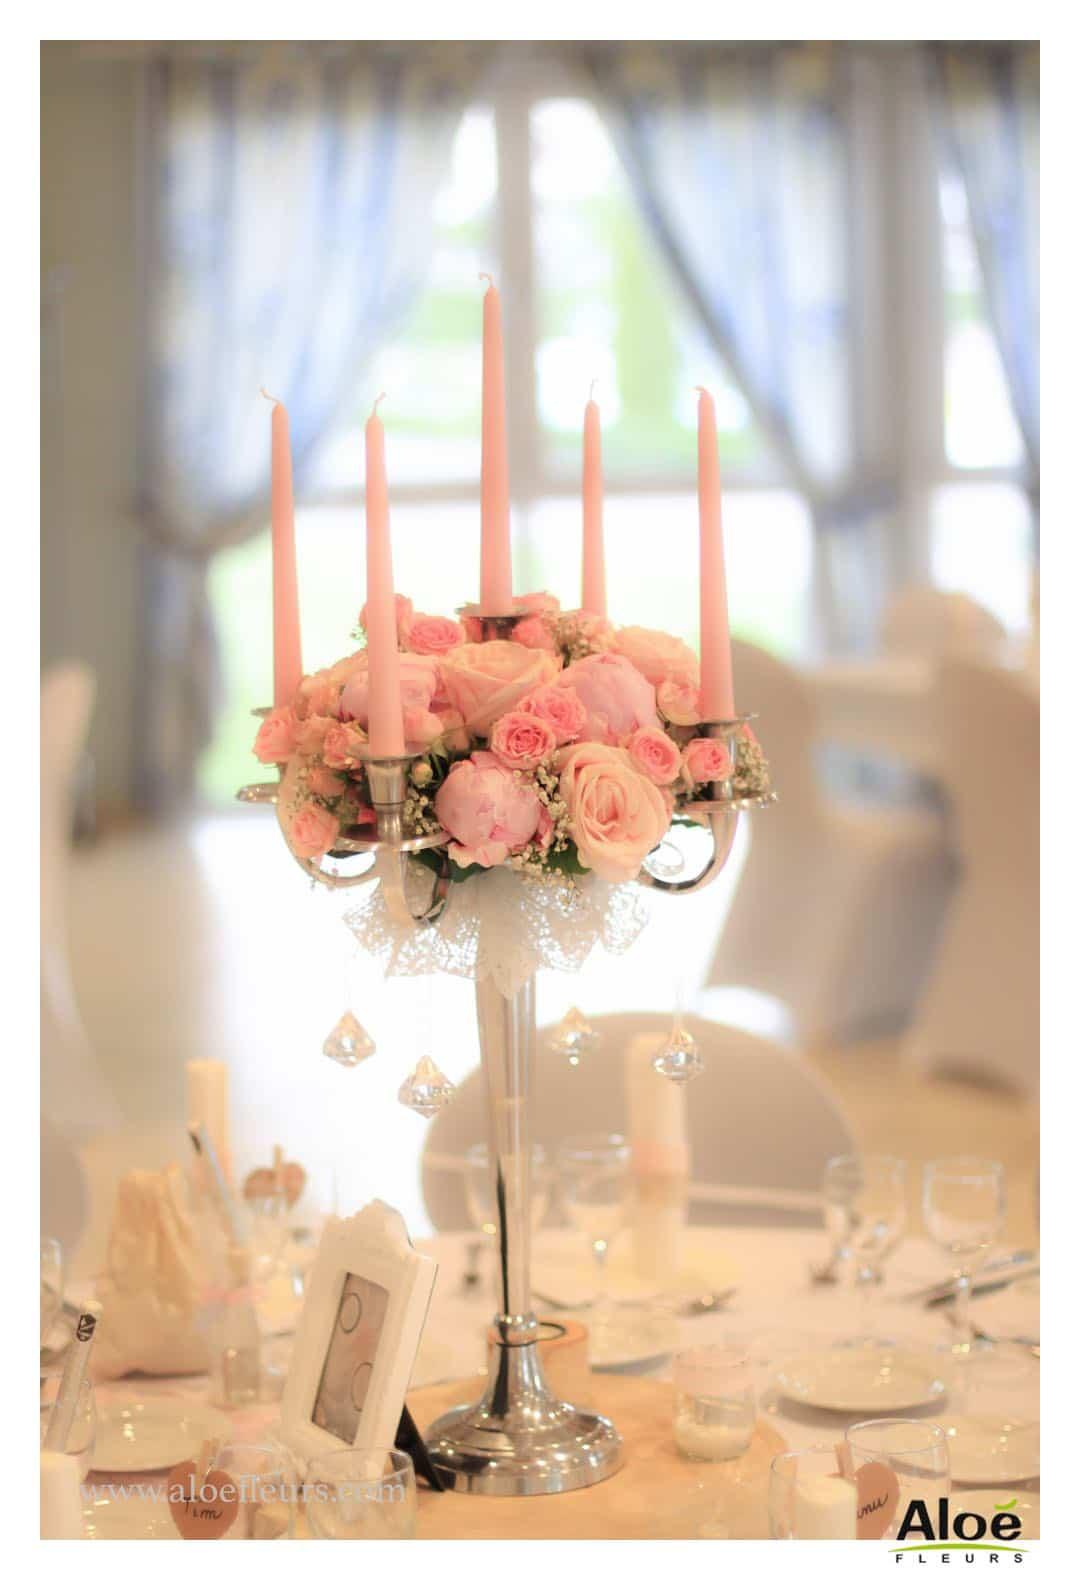 Mariage romantique d coration en pivoines et roses anciennes - Decoration chandelier pour mariage ...